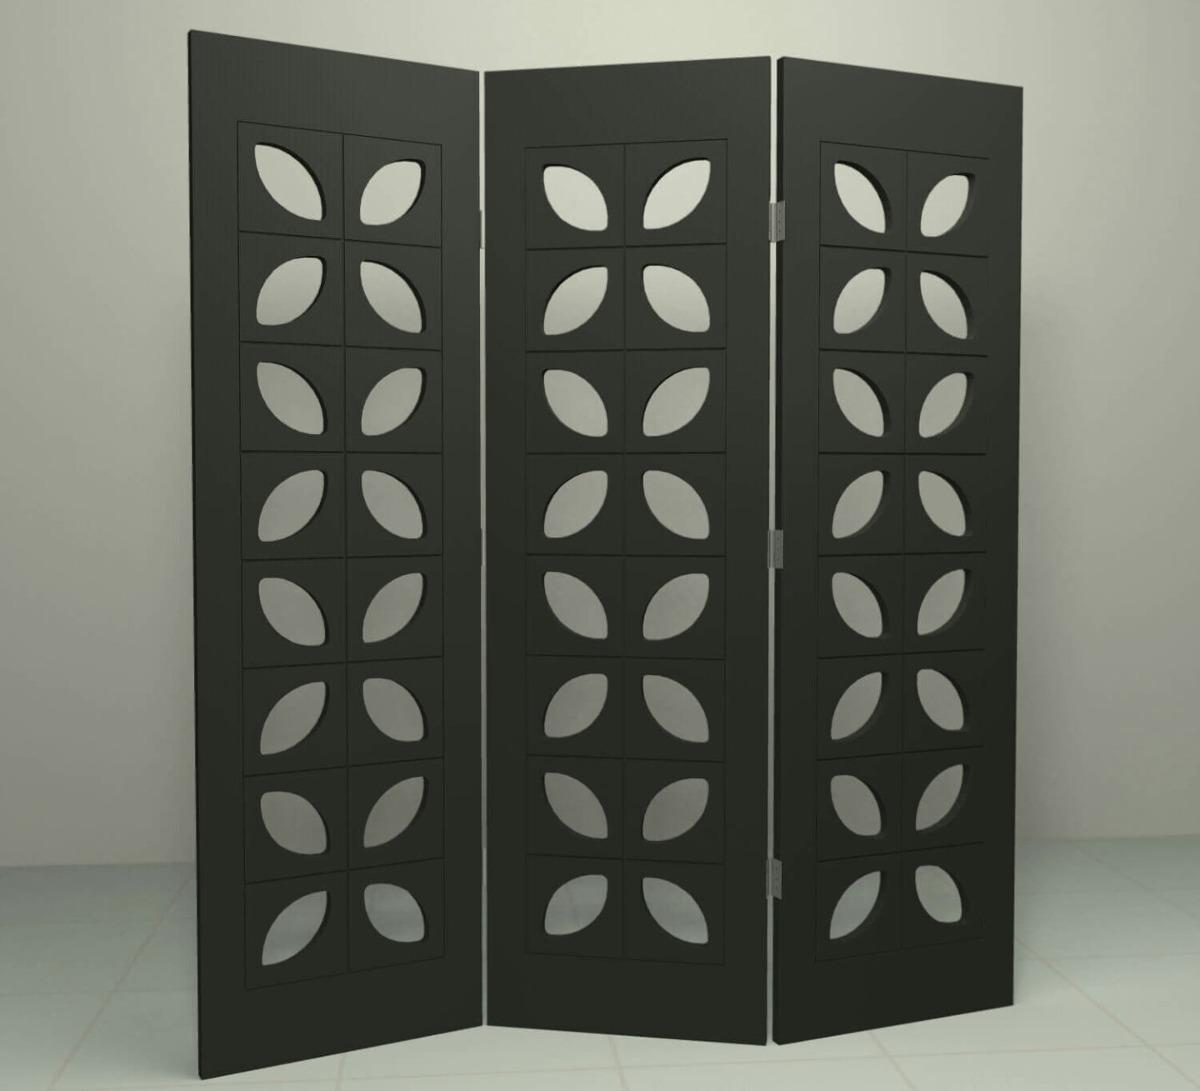 Biombos muebles decoraci n para su hogar u s 690 00 en for Muebles decoracion hogar